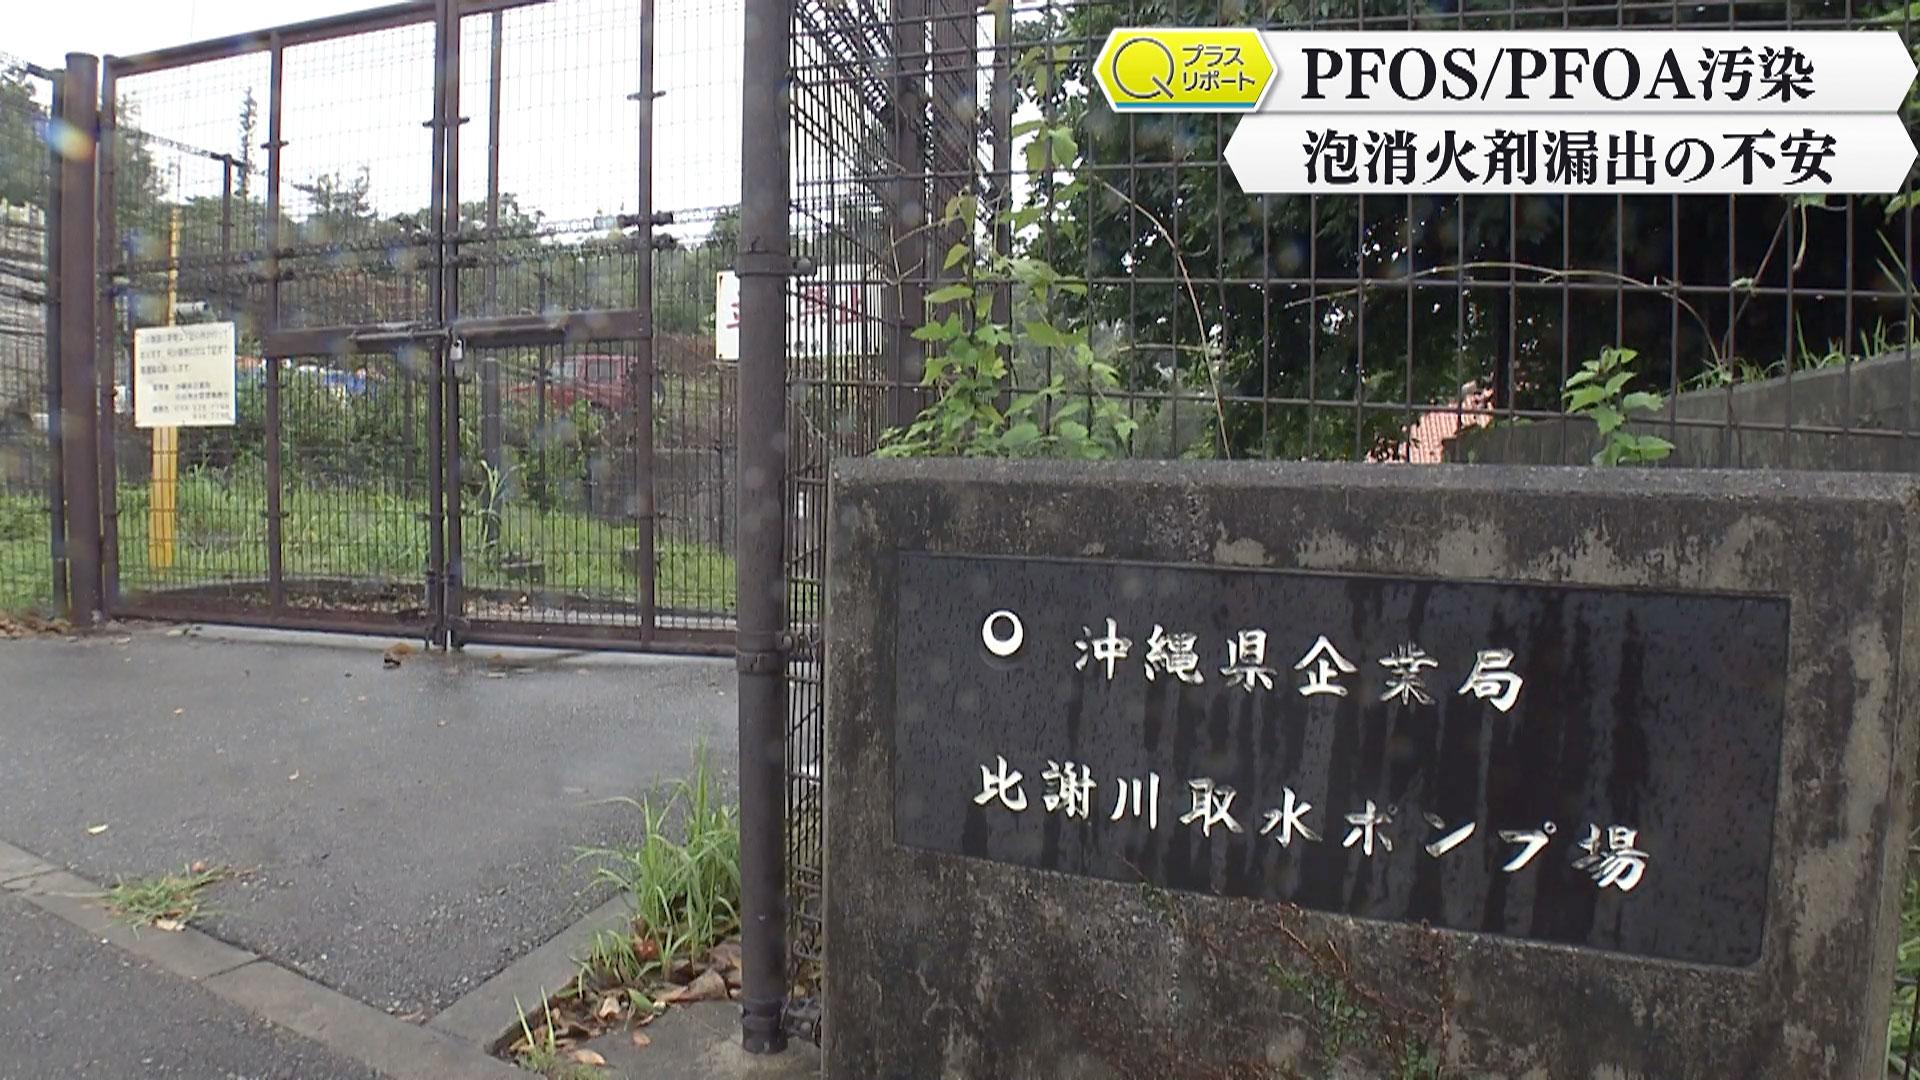 PFOS/PFOA汚染 ジョン・ミッチェルさん 現場調査